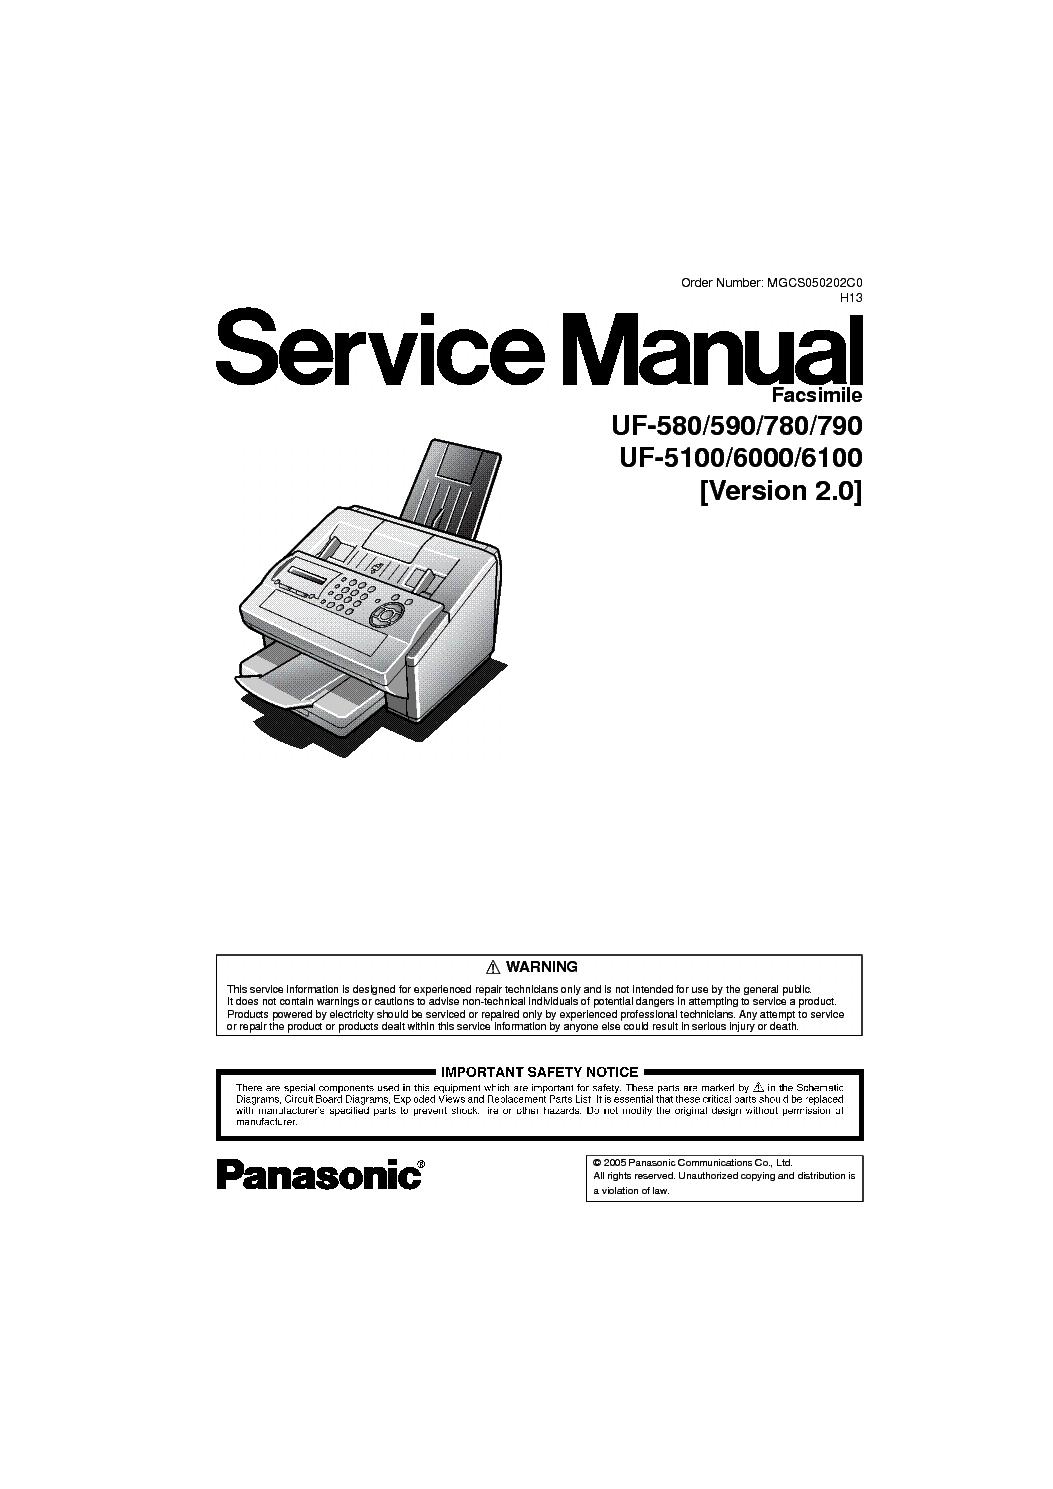 Panasonic dp-c262